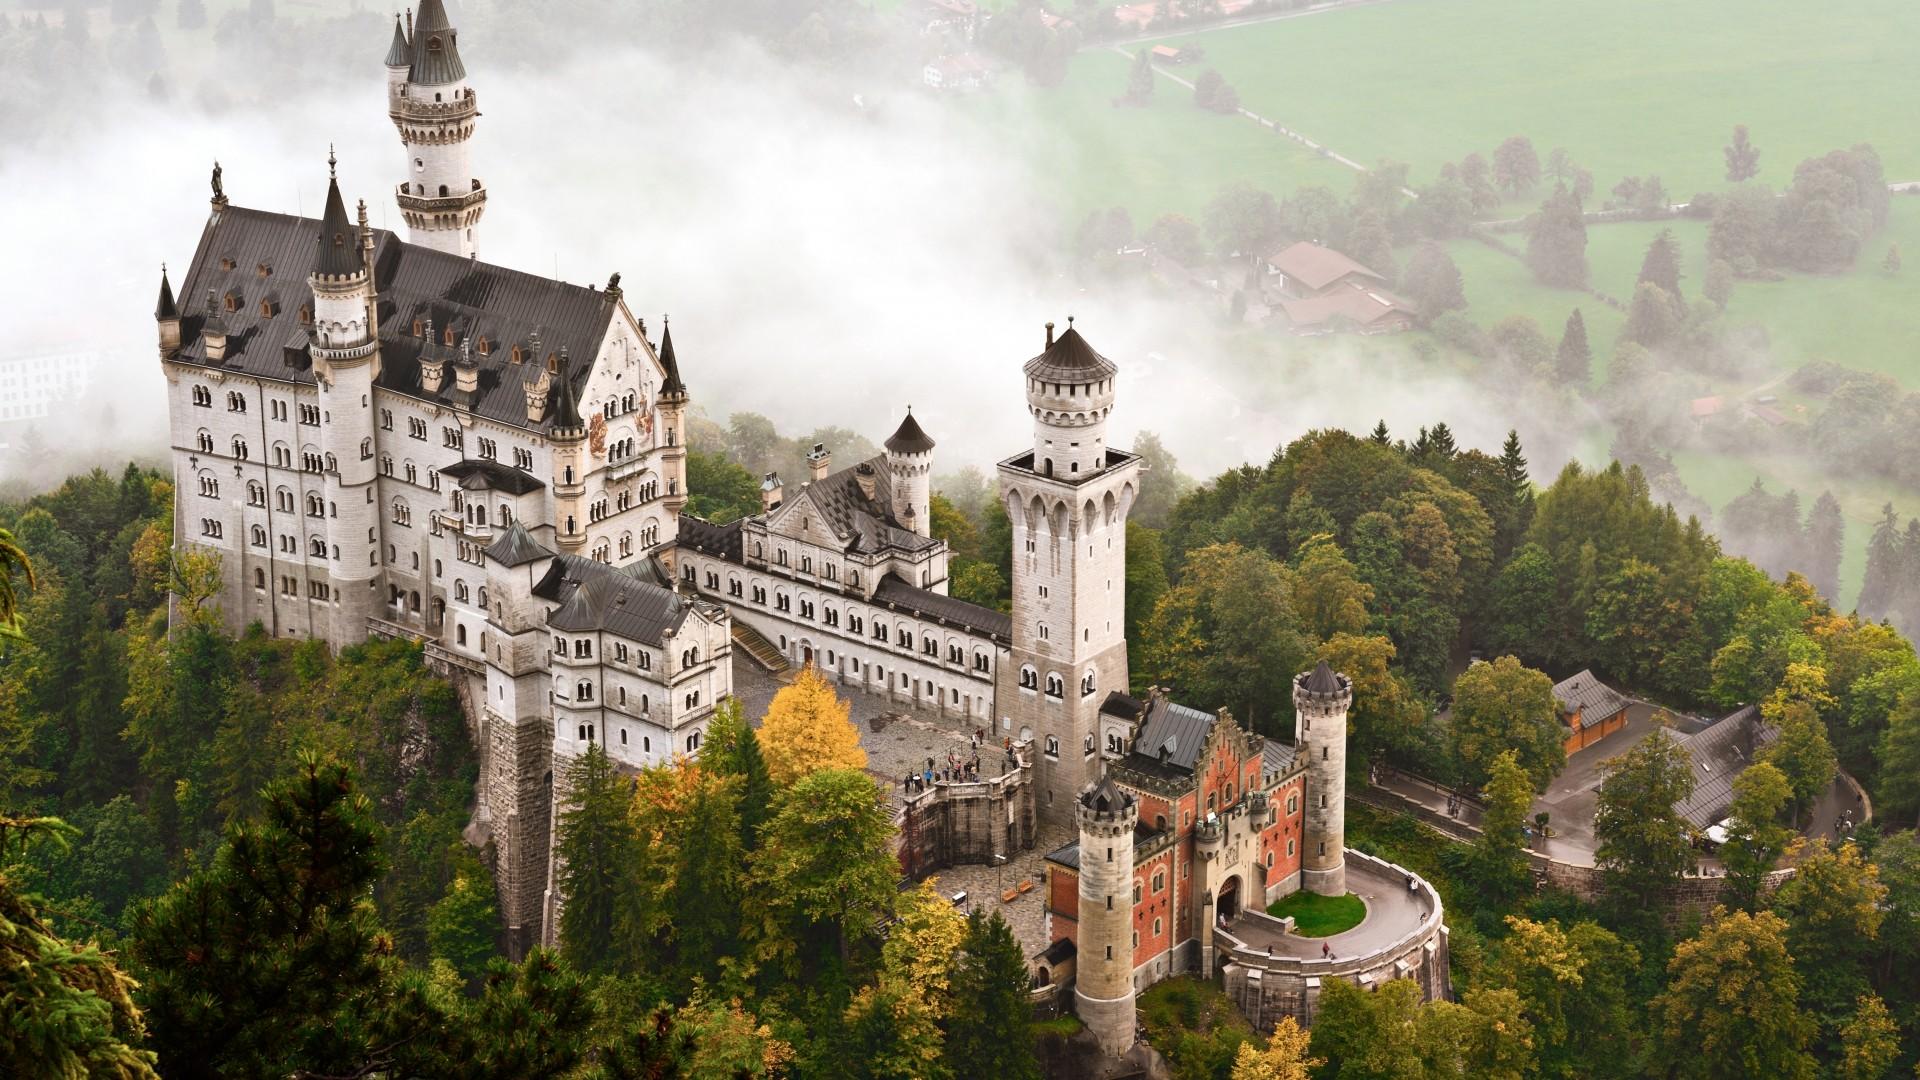 Wallpaper Neuschwanstein castle, Bavaria, Germany, tourism